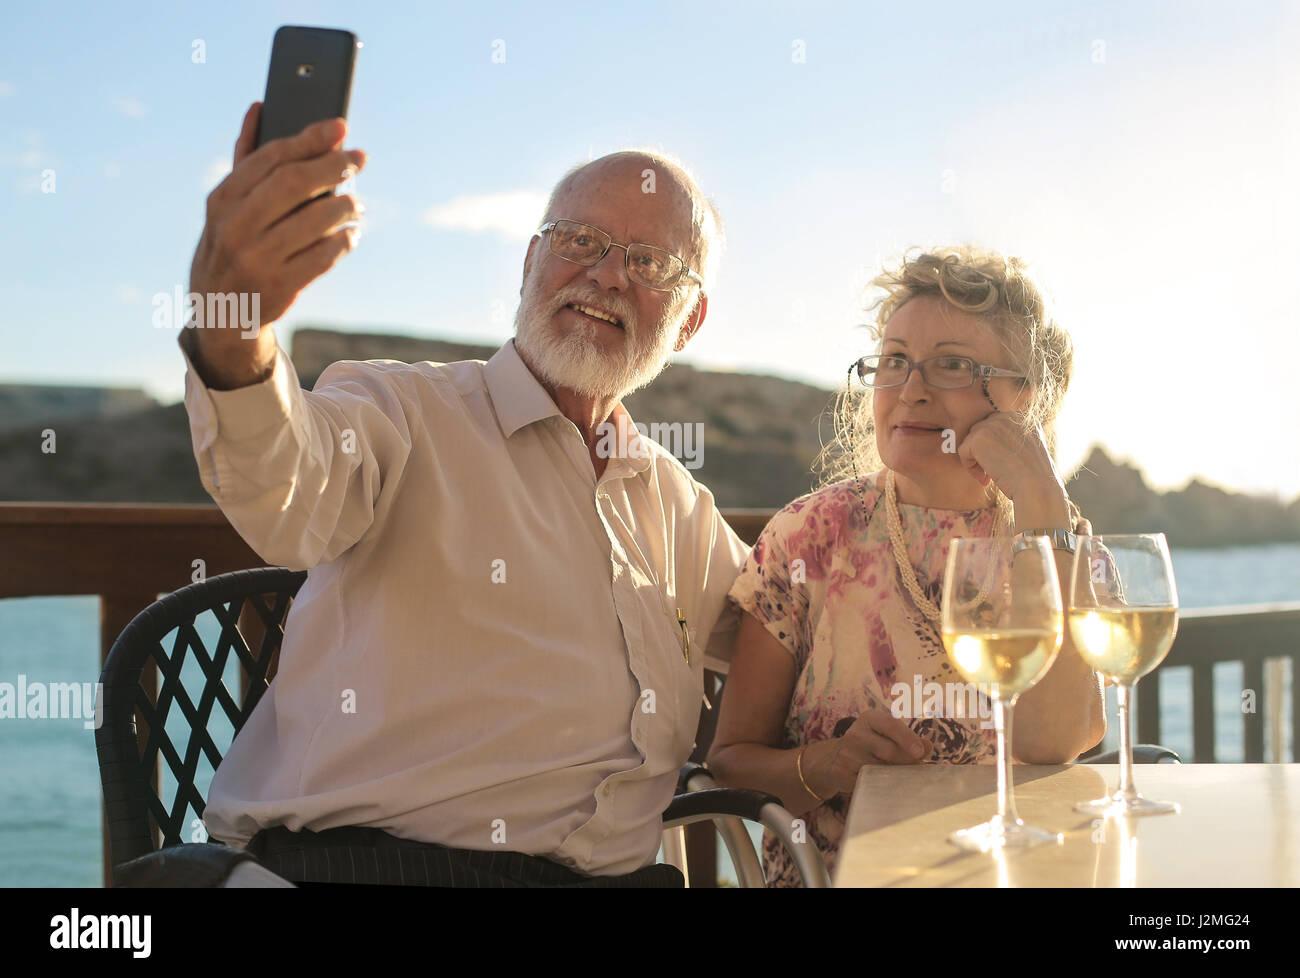 Vecchia coppia prendendo un selfie al di fuori Immagini Stock